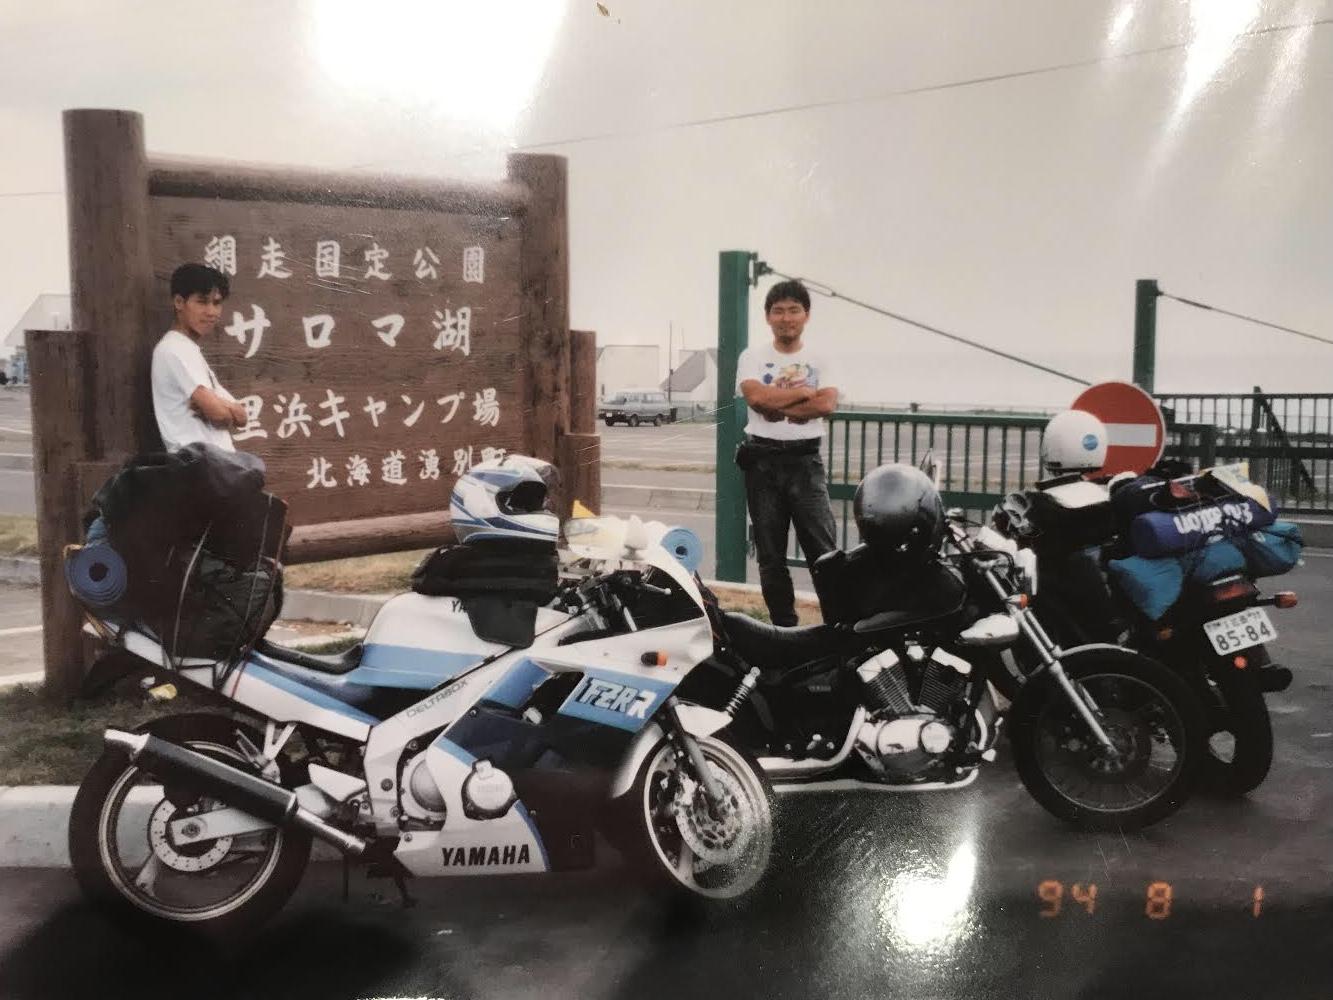 院長ブログ⑤~北海道バイク旅行でトラブル⁈~のイメージ